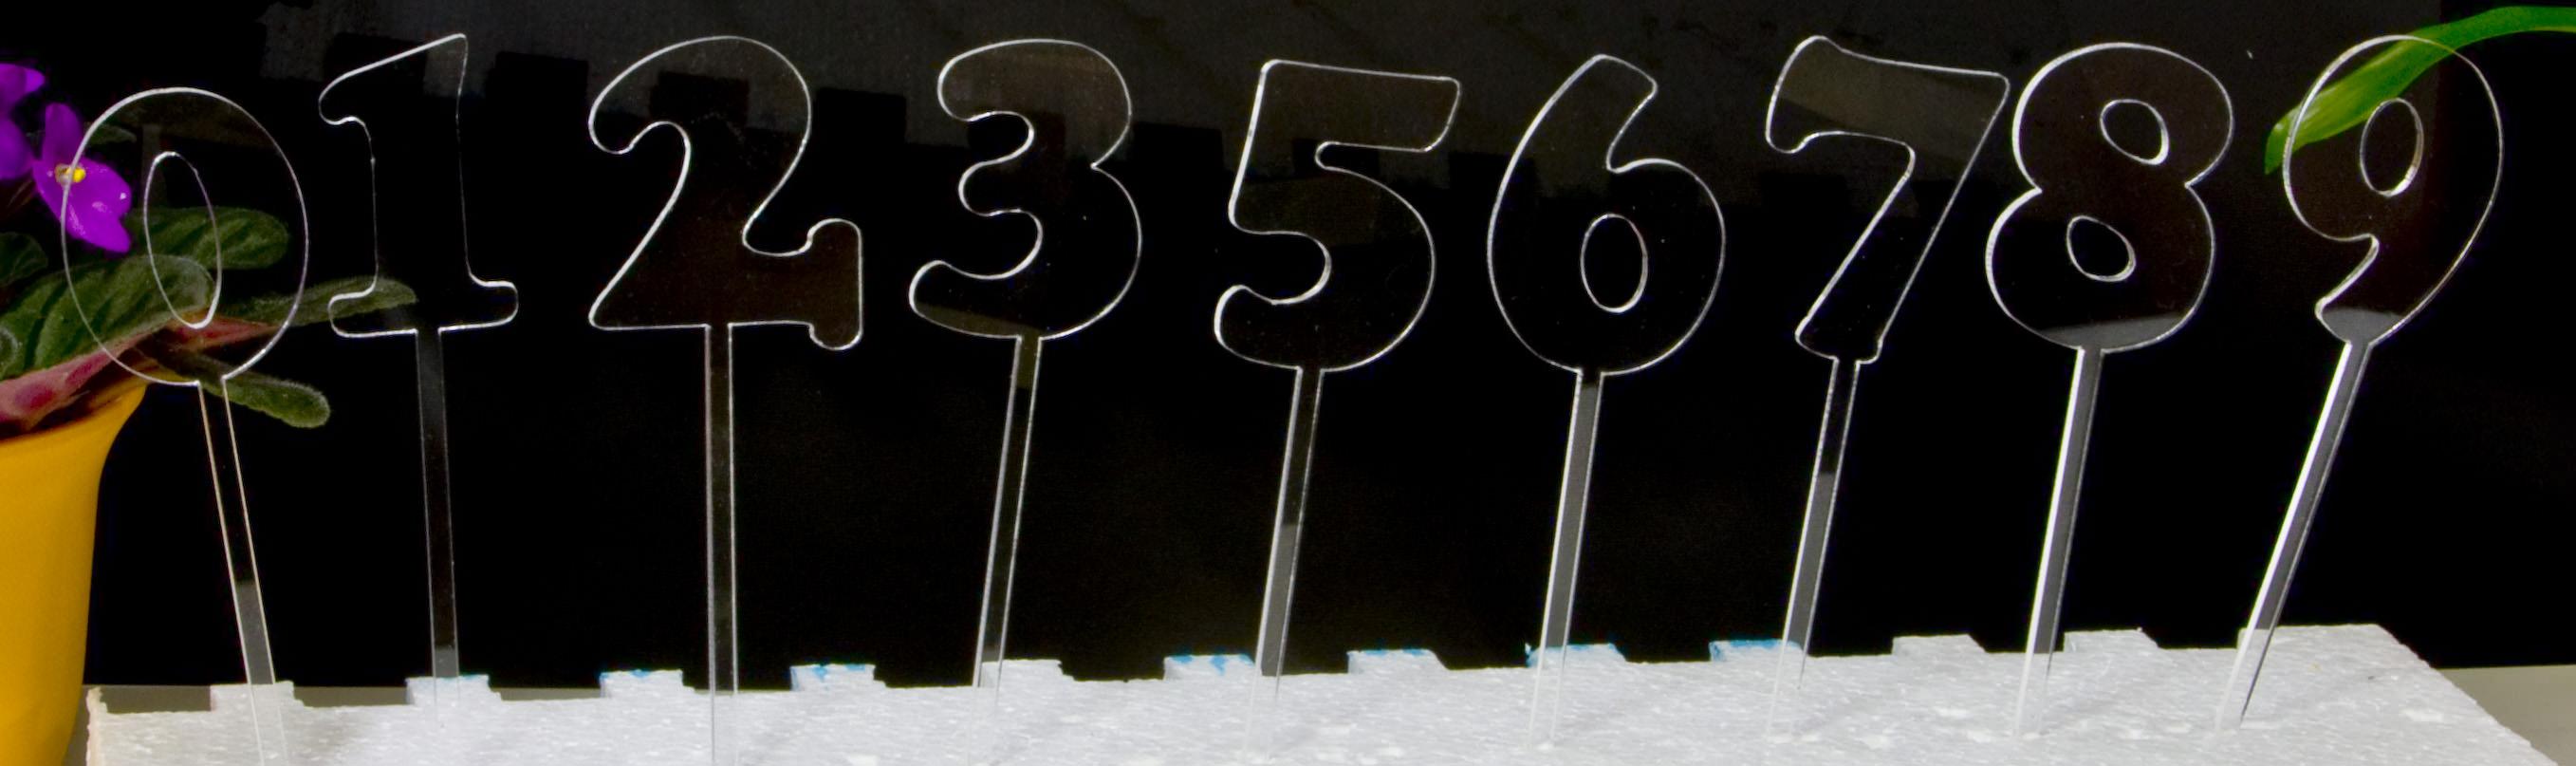 Die Zahlen-Stecker aus transparentem Material